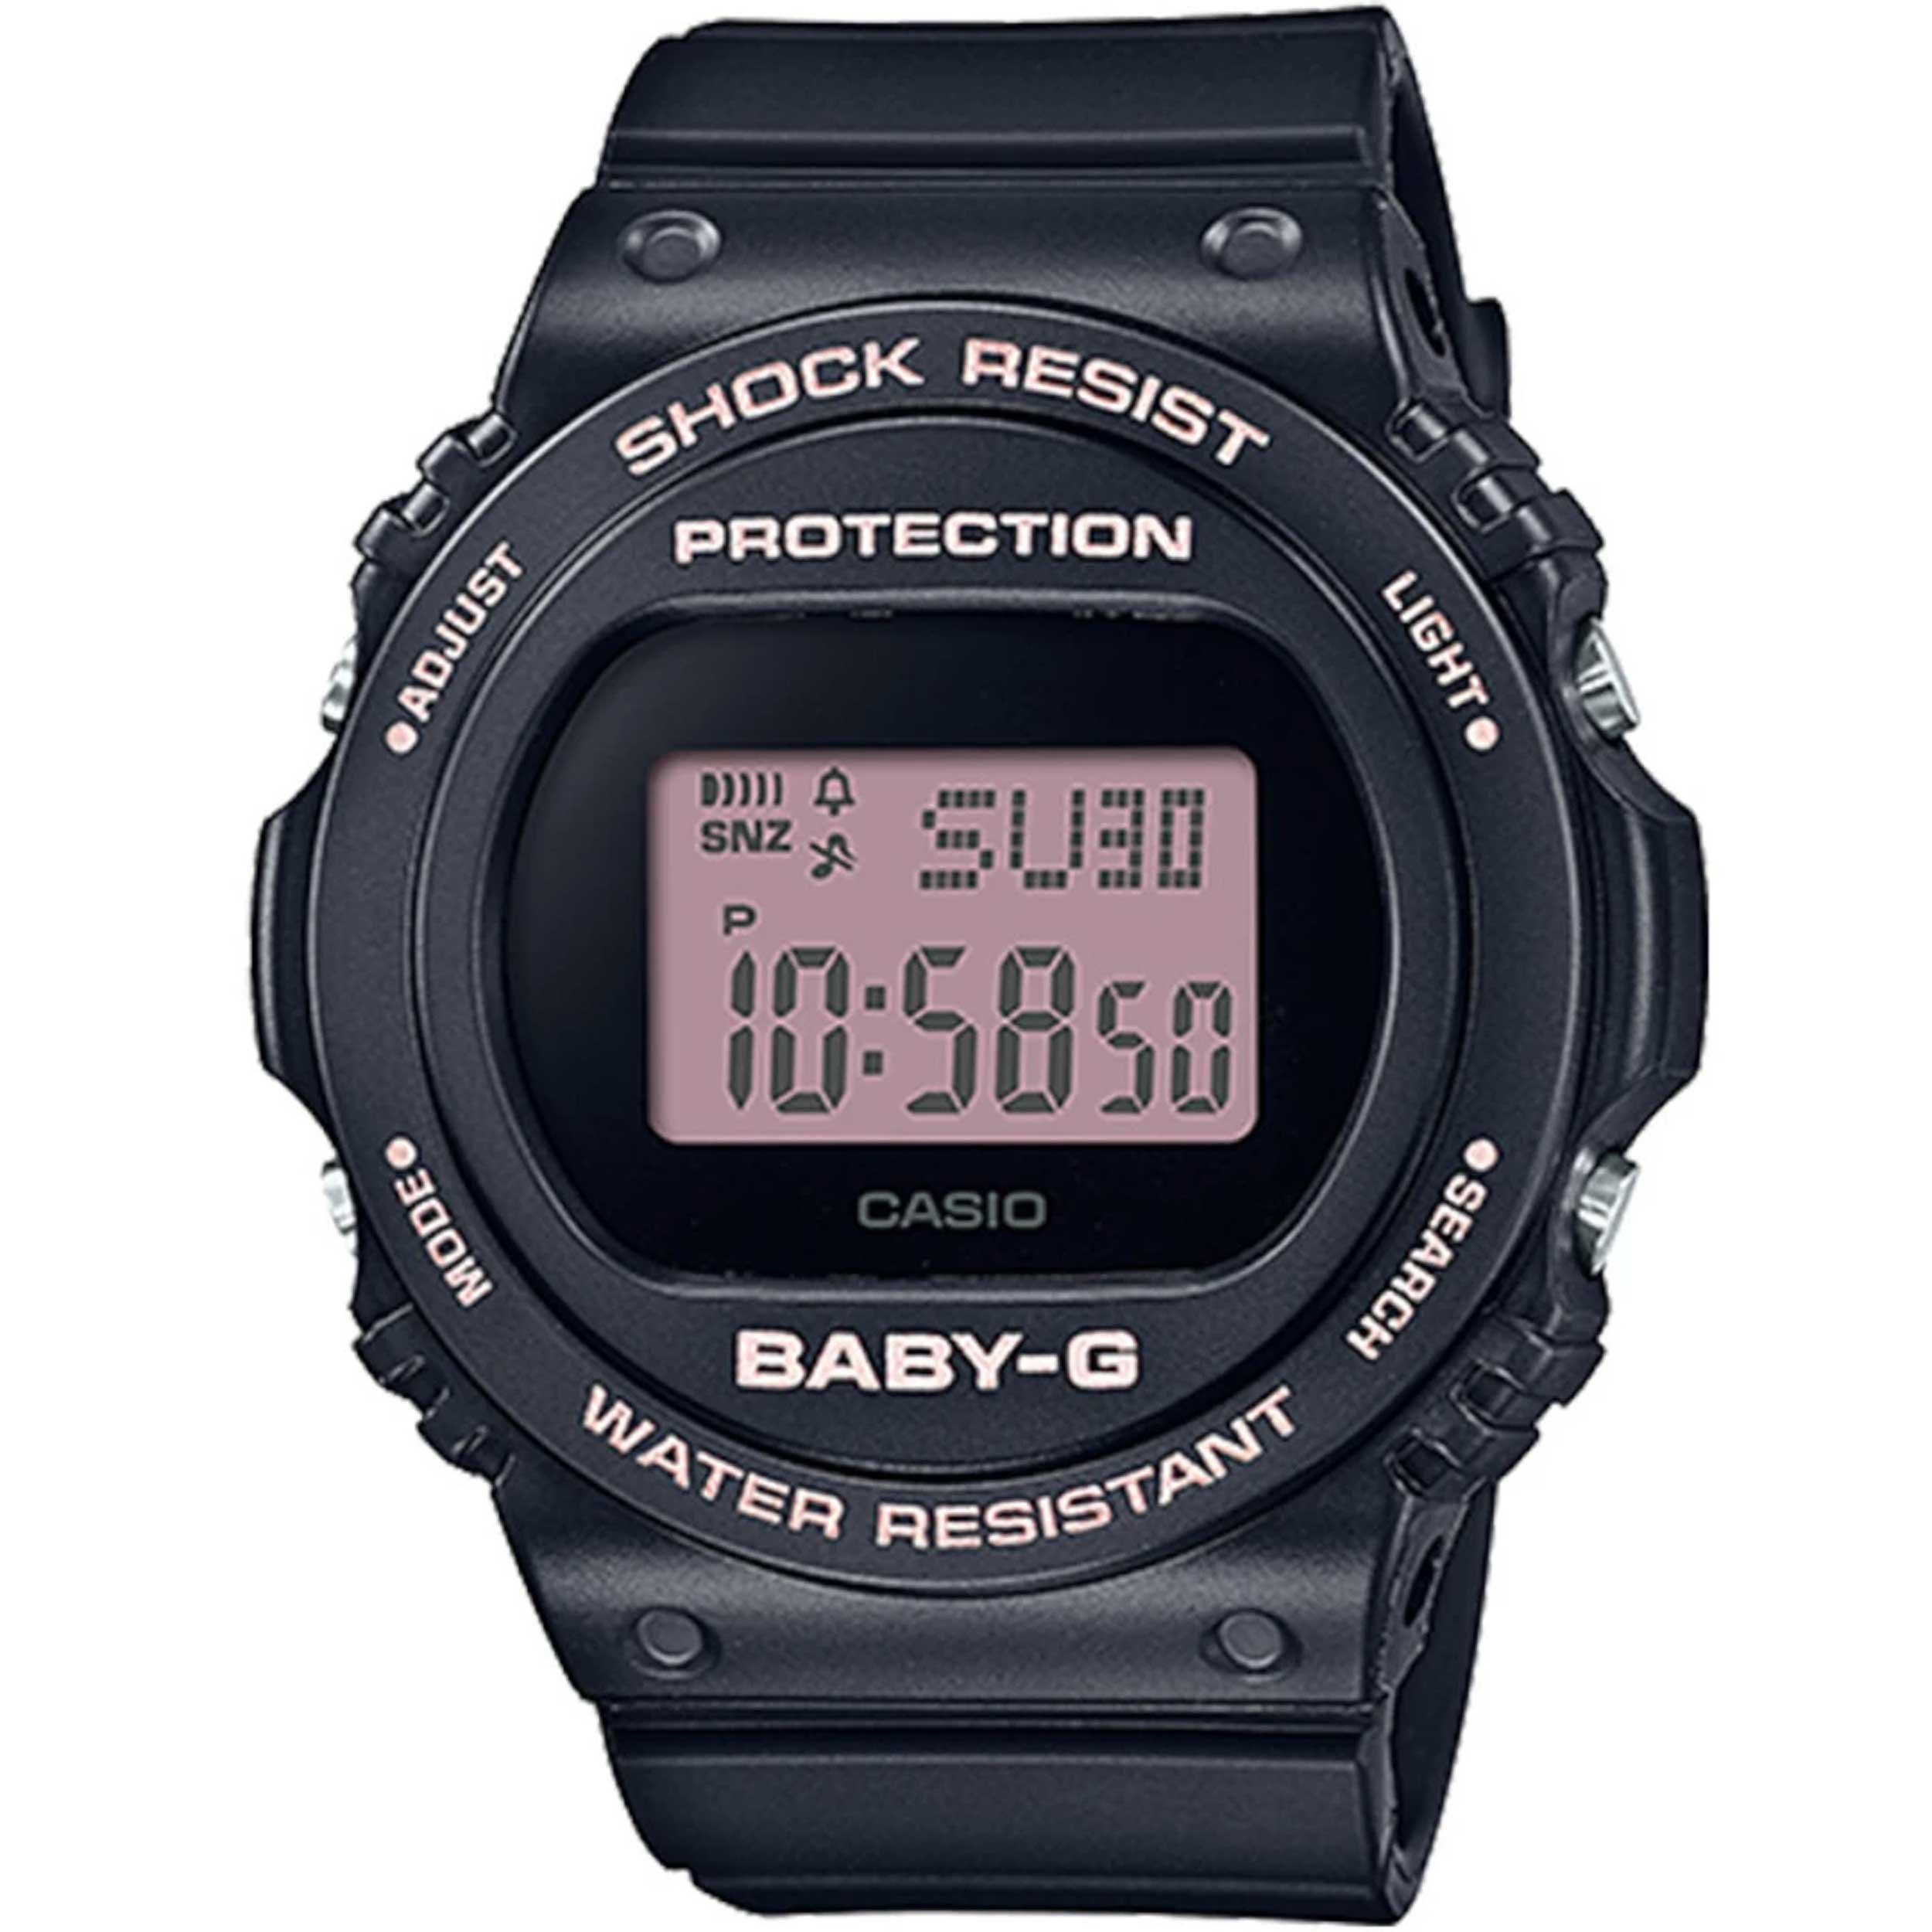 ساعت مچی دیجیتال مردانه کاسیو مدل BGD-570-1BDR